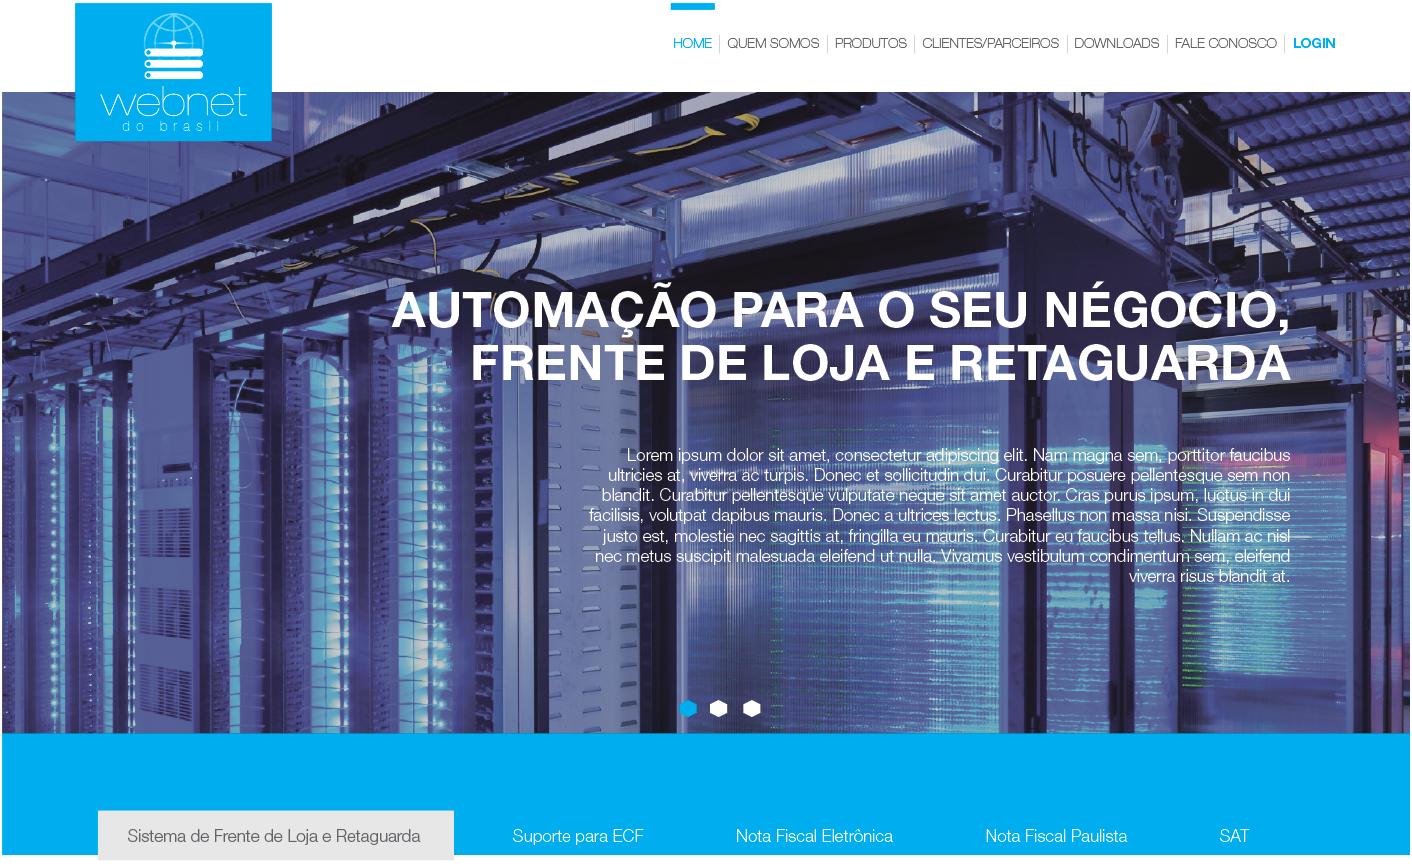 Site Webnet do Brasil - Widesigner